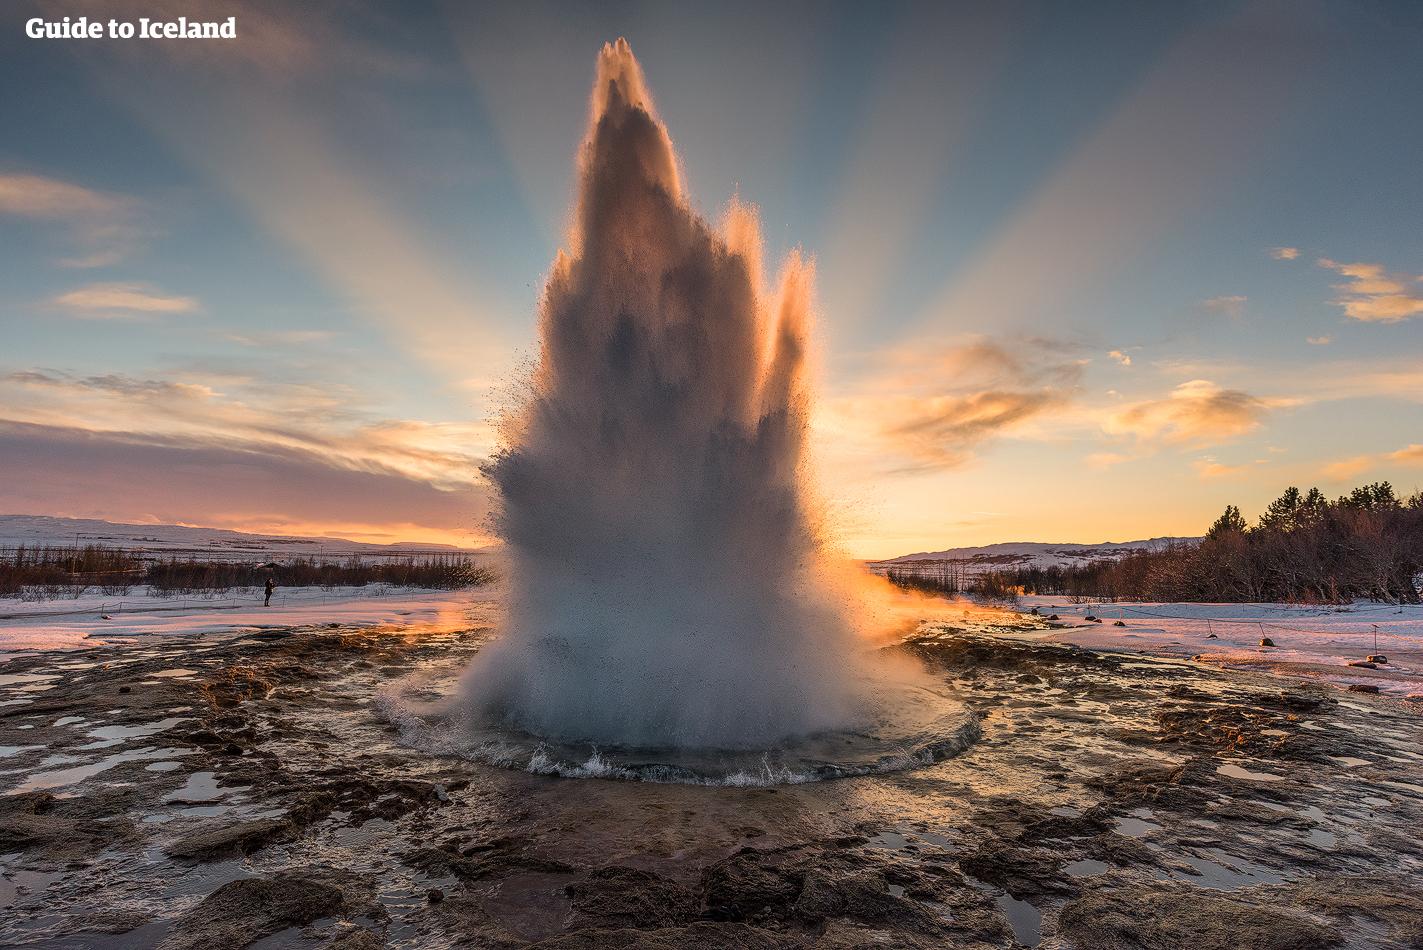 6-дневный летний автотур | Вокруг Исландии по кольцу - day 5